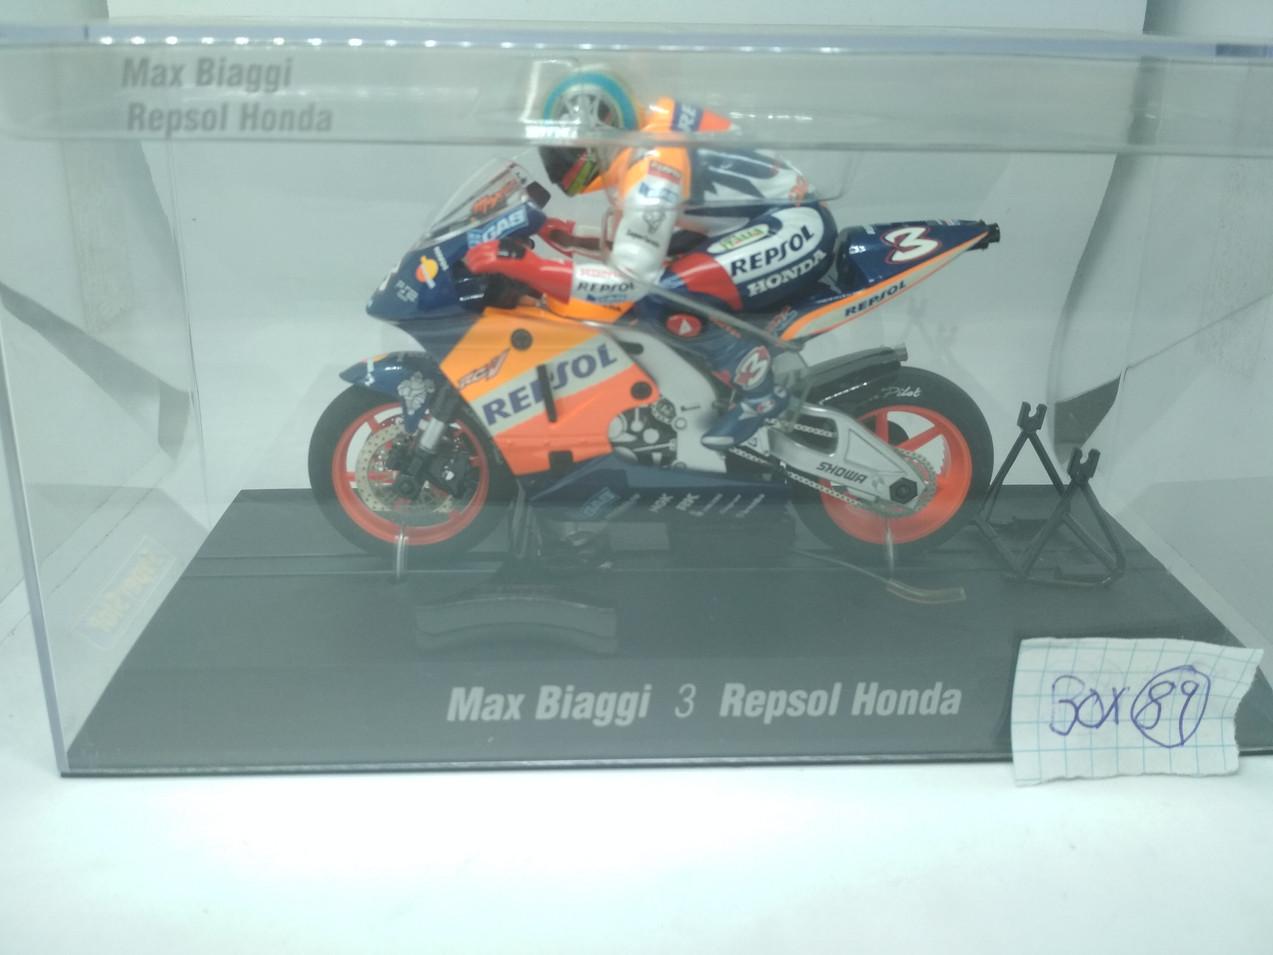 MAX BIAGGI 3 REPSOL HONDA